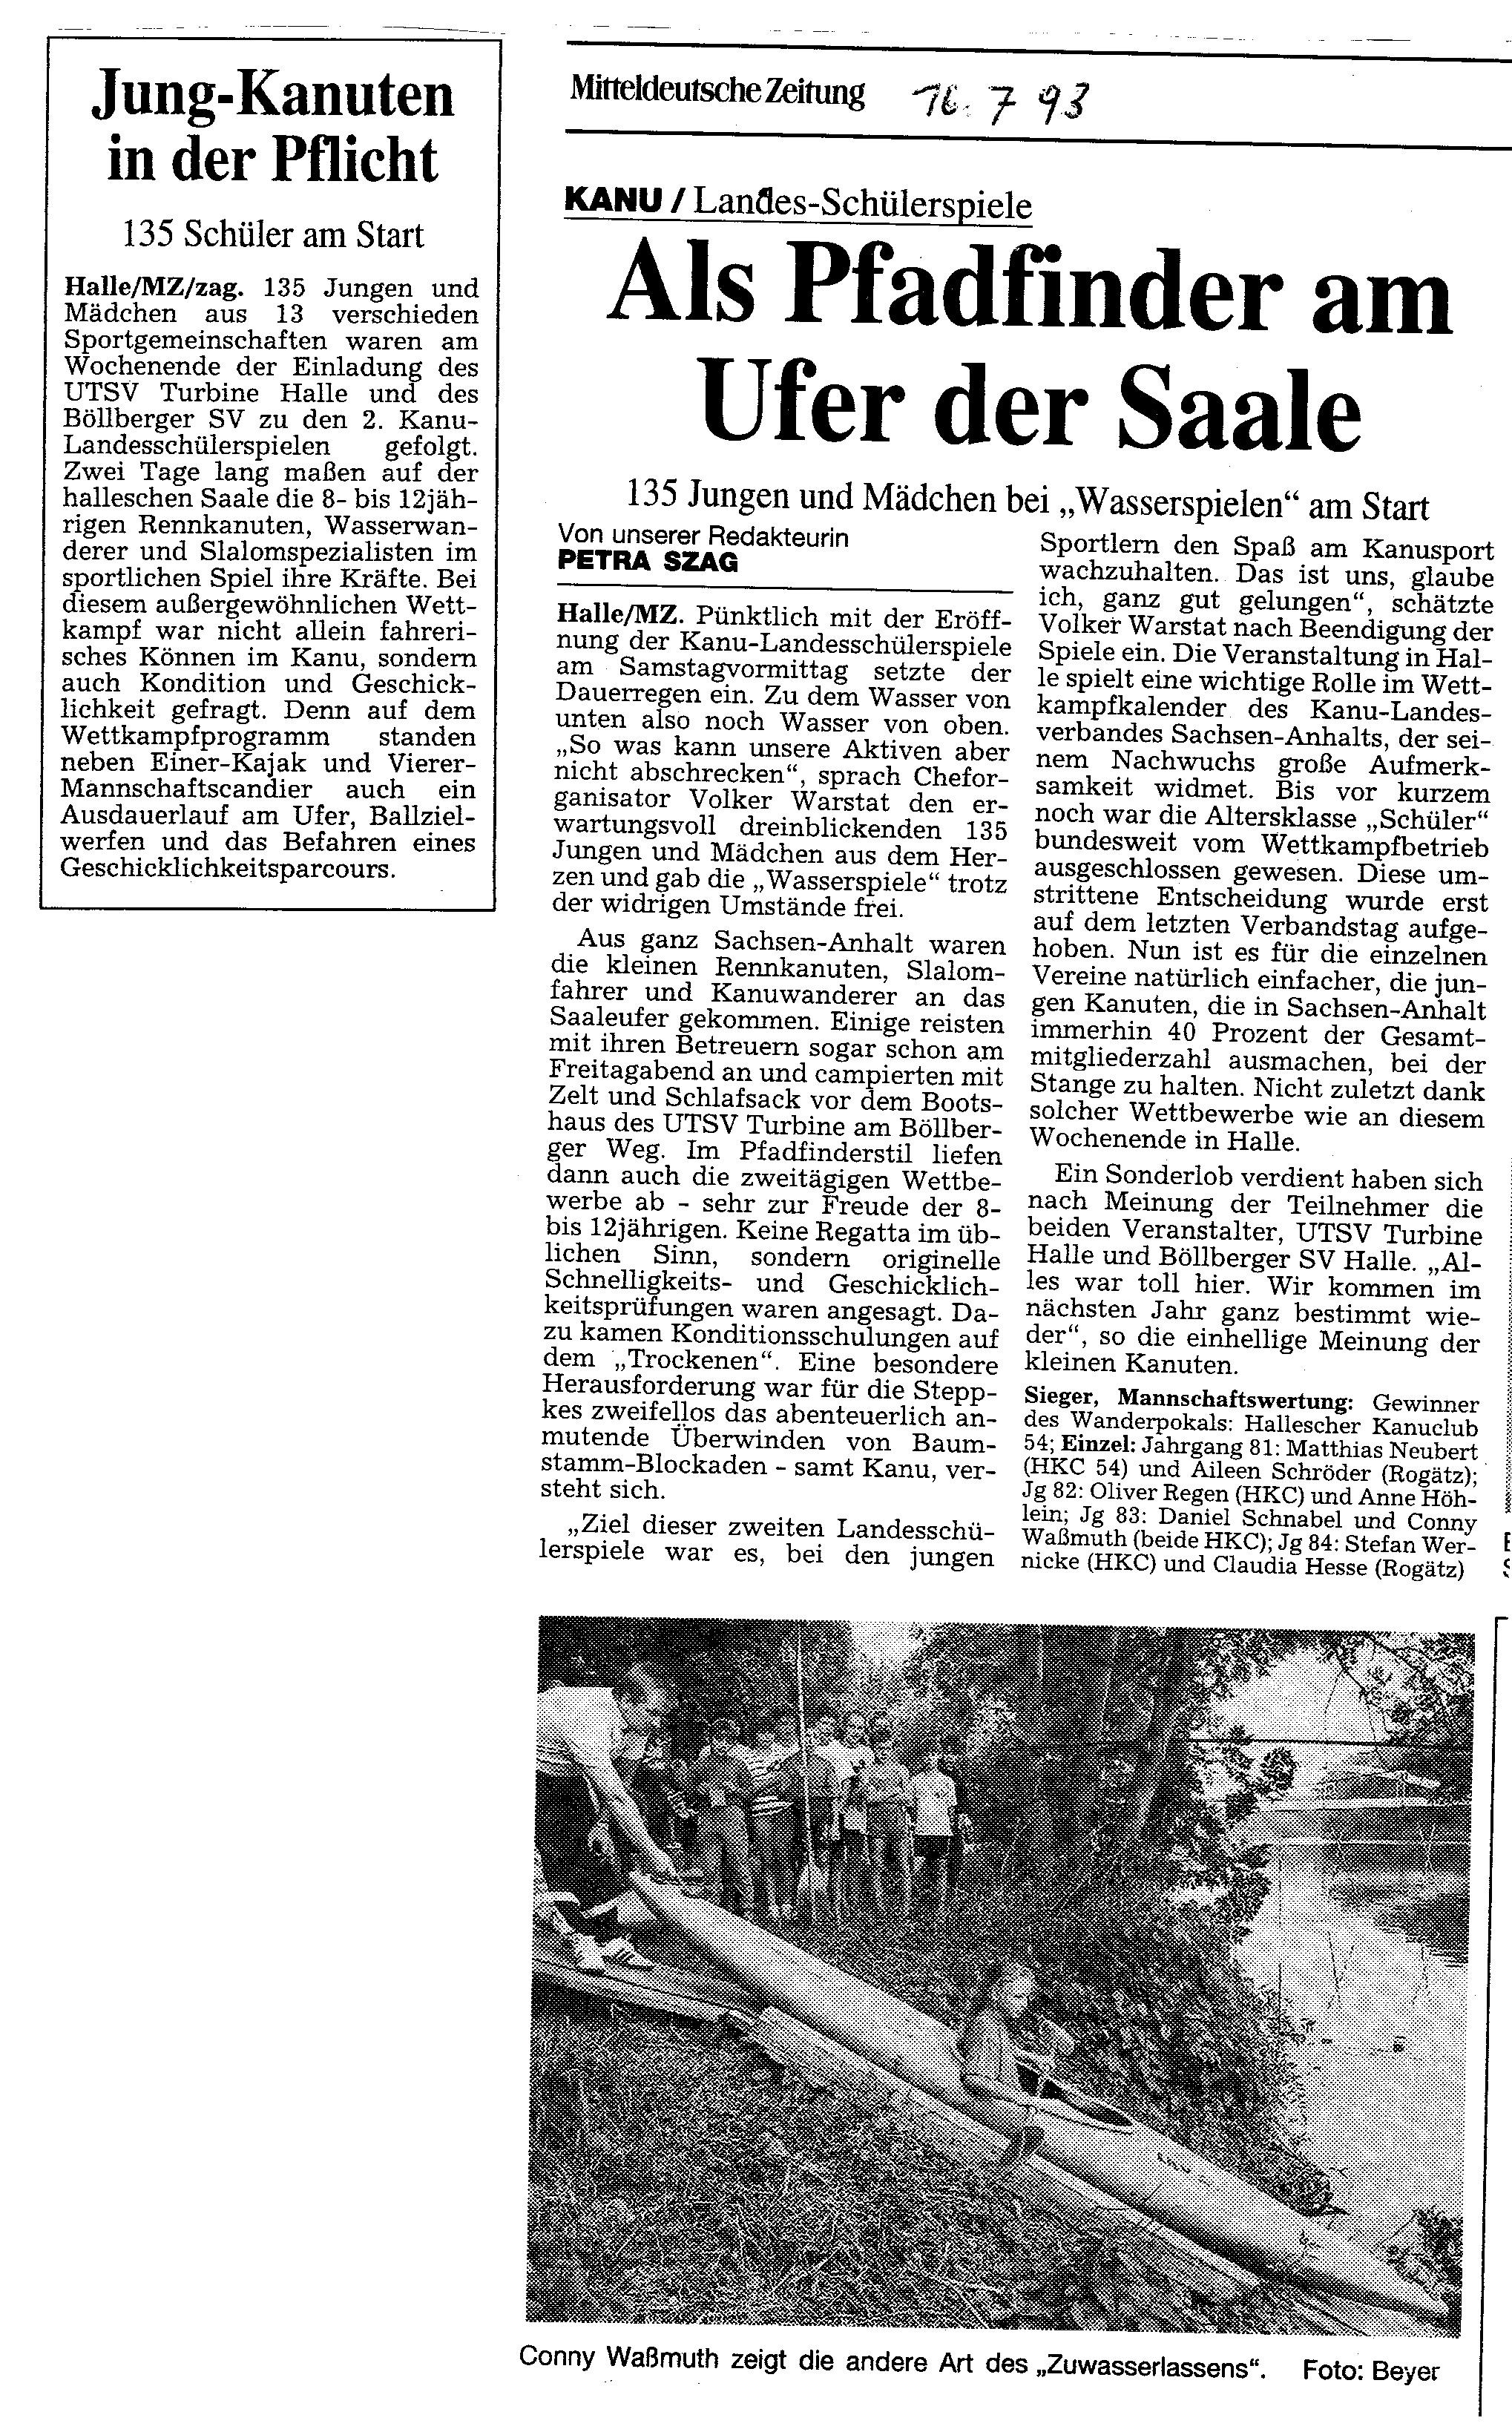 1993-07-16 MZ Als Pfadfinder am Ufer der Saale